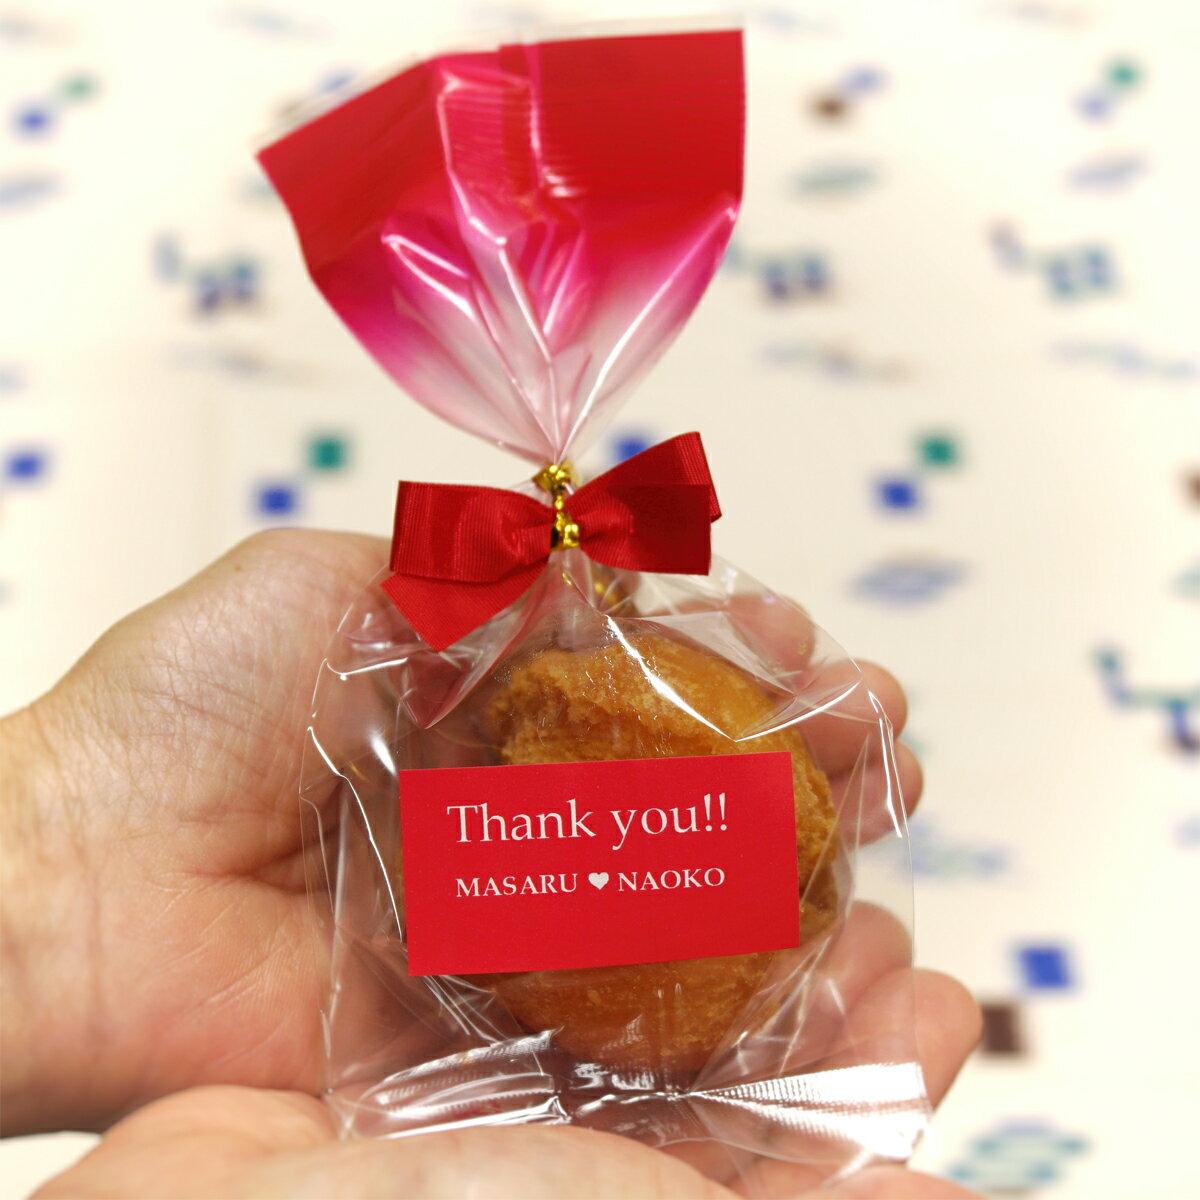 プチギフト お菓子 オリジナルラベル 結玉プレーン味1個入 サーターアンダギー ありがとう 【赤ラベル/リボン】